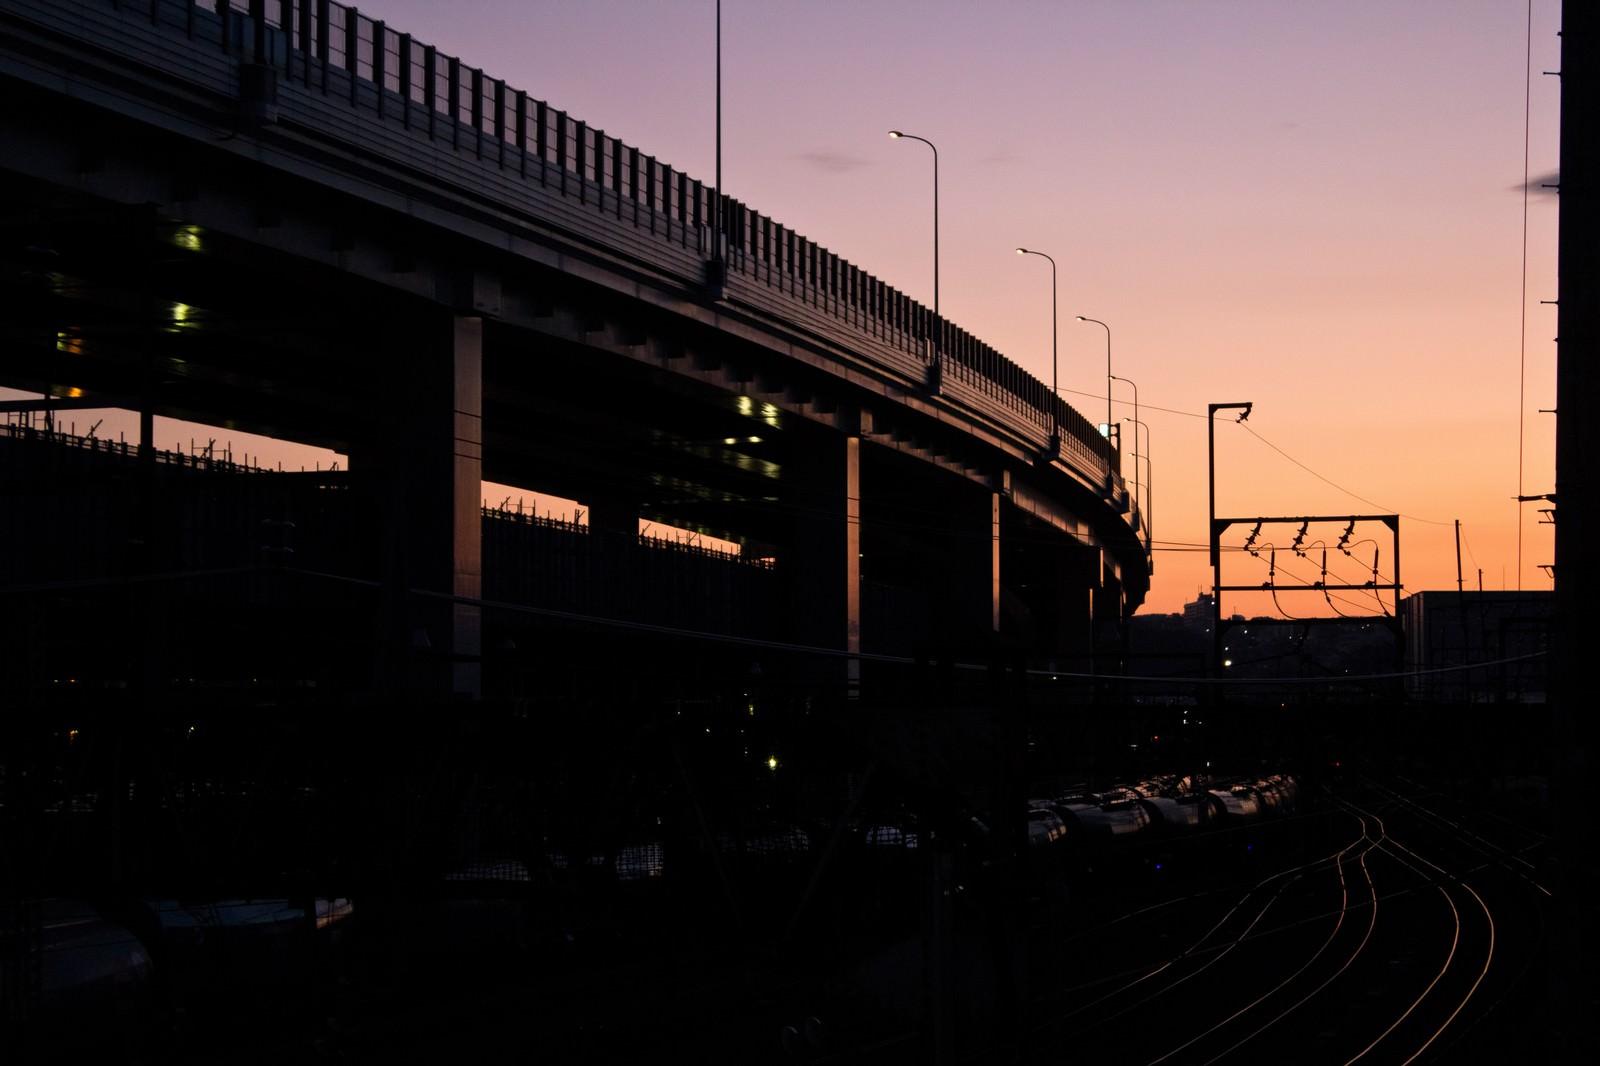 「夕暮れの高架と線路」の写真